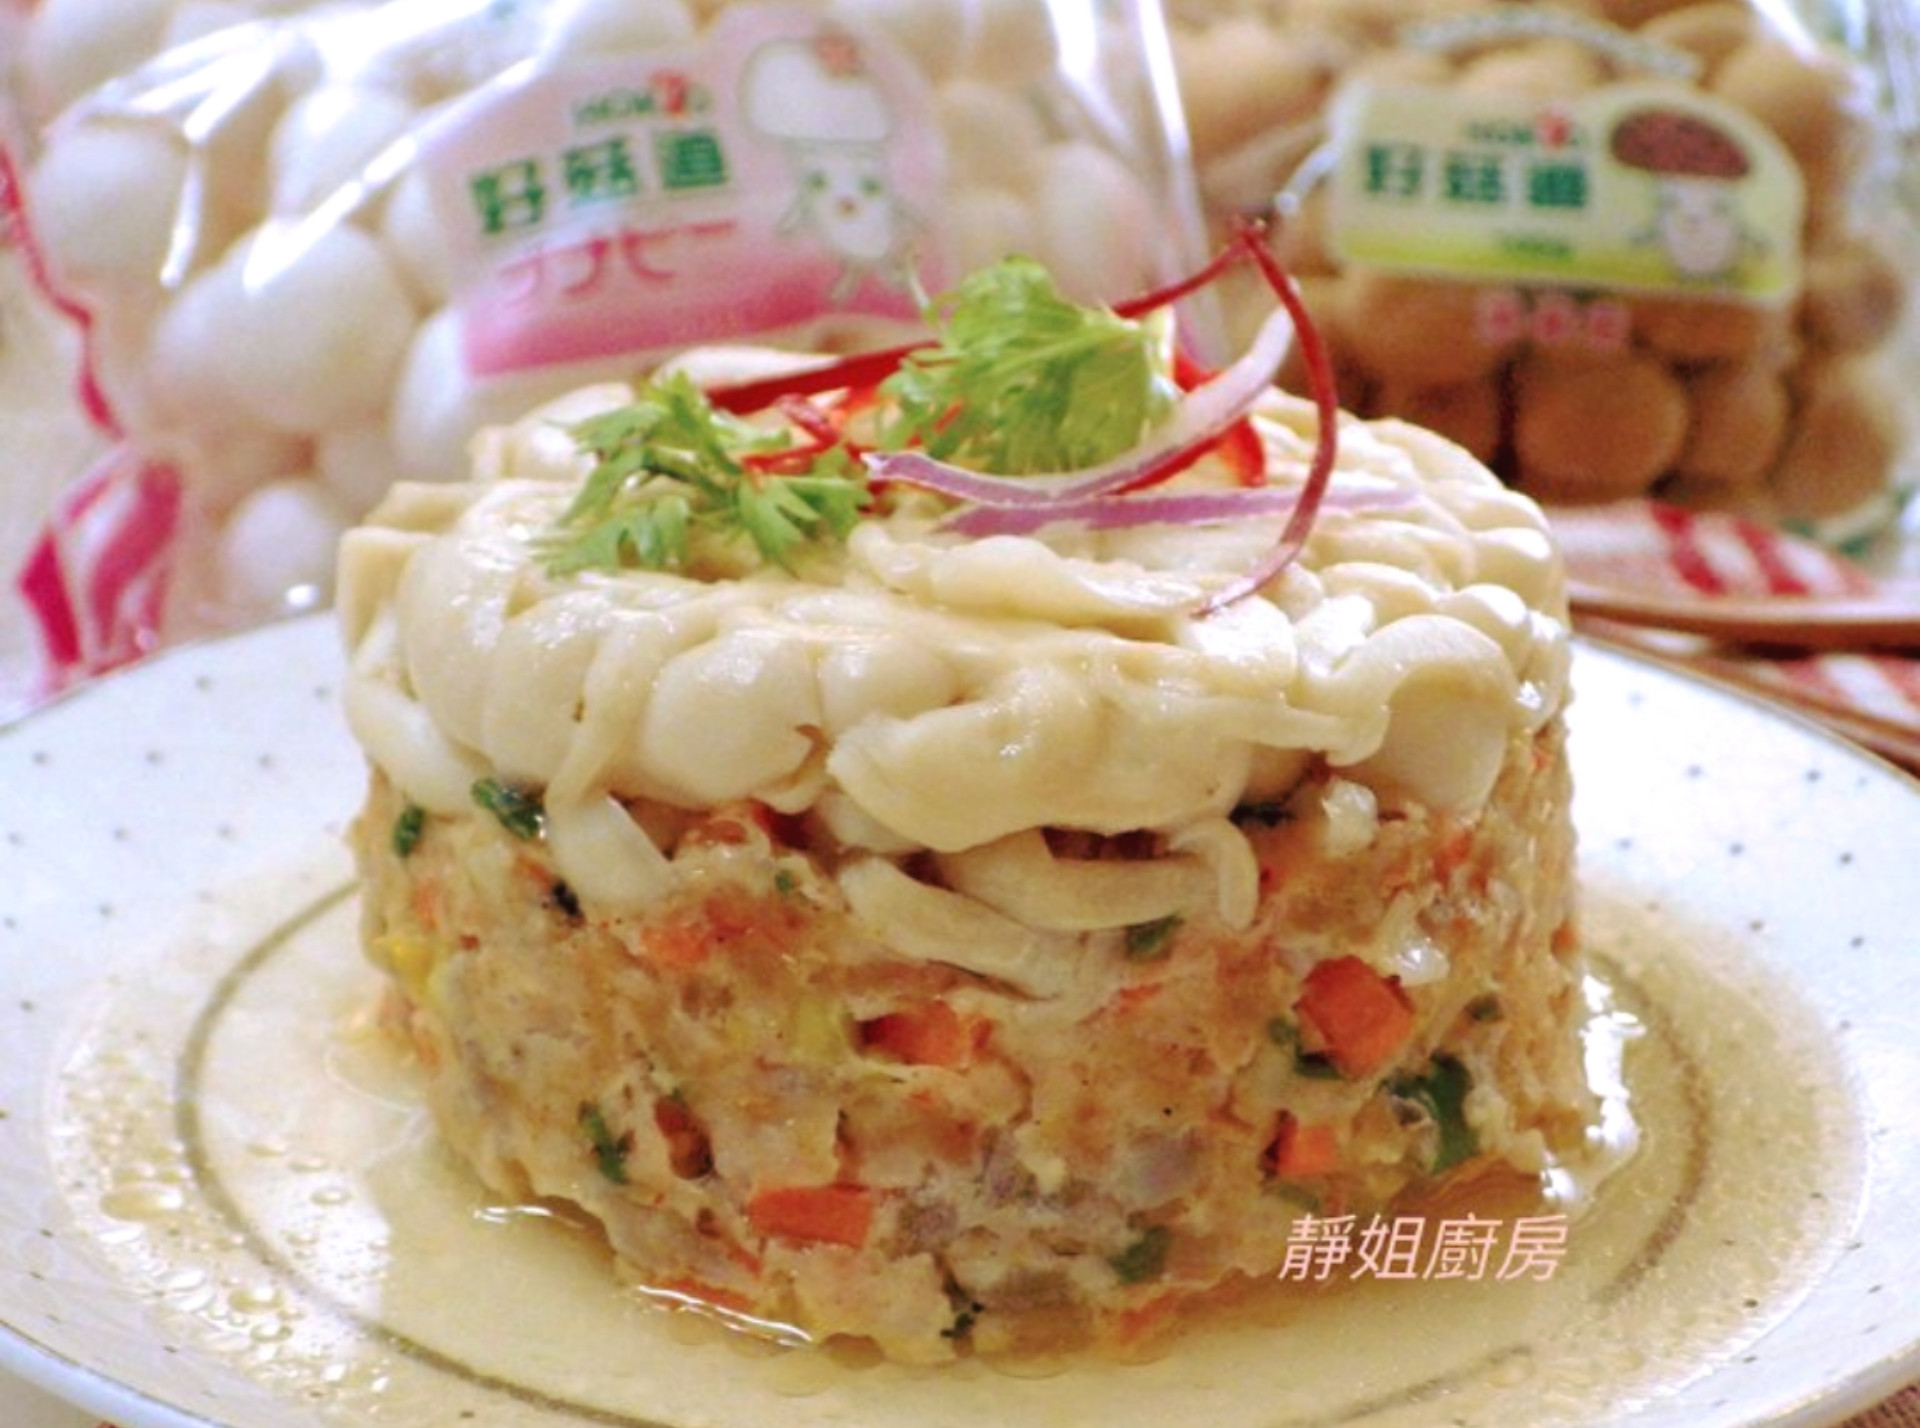 鮮蝦蔬食菇菇盅【好菇道好食光】